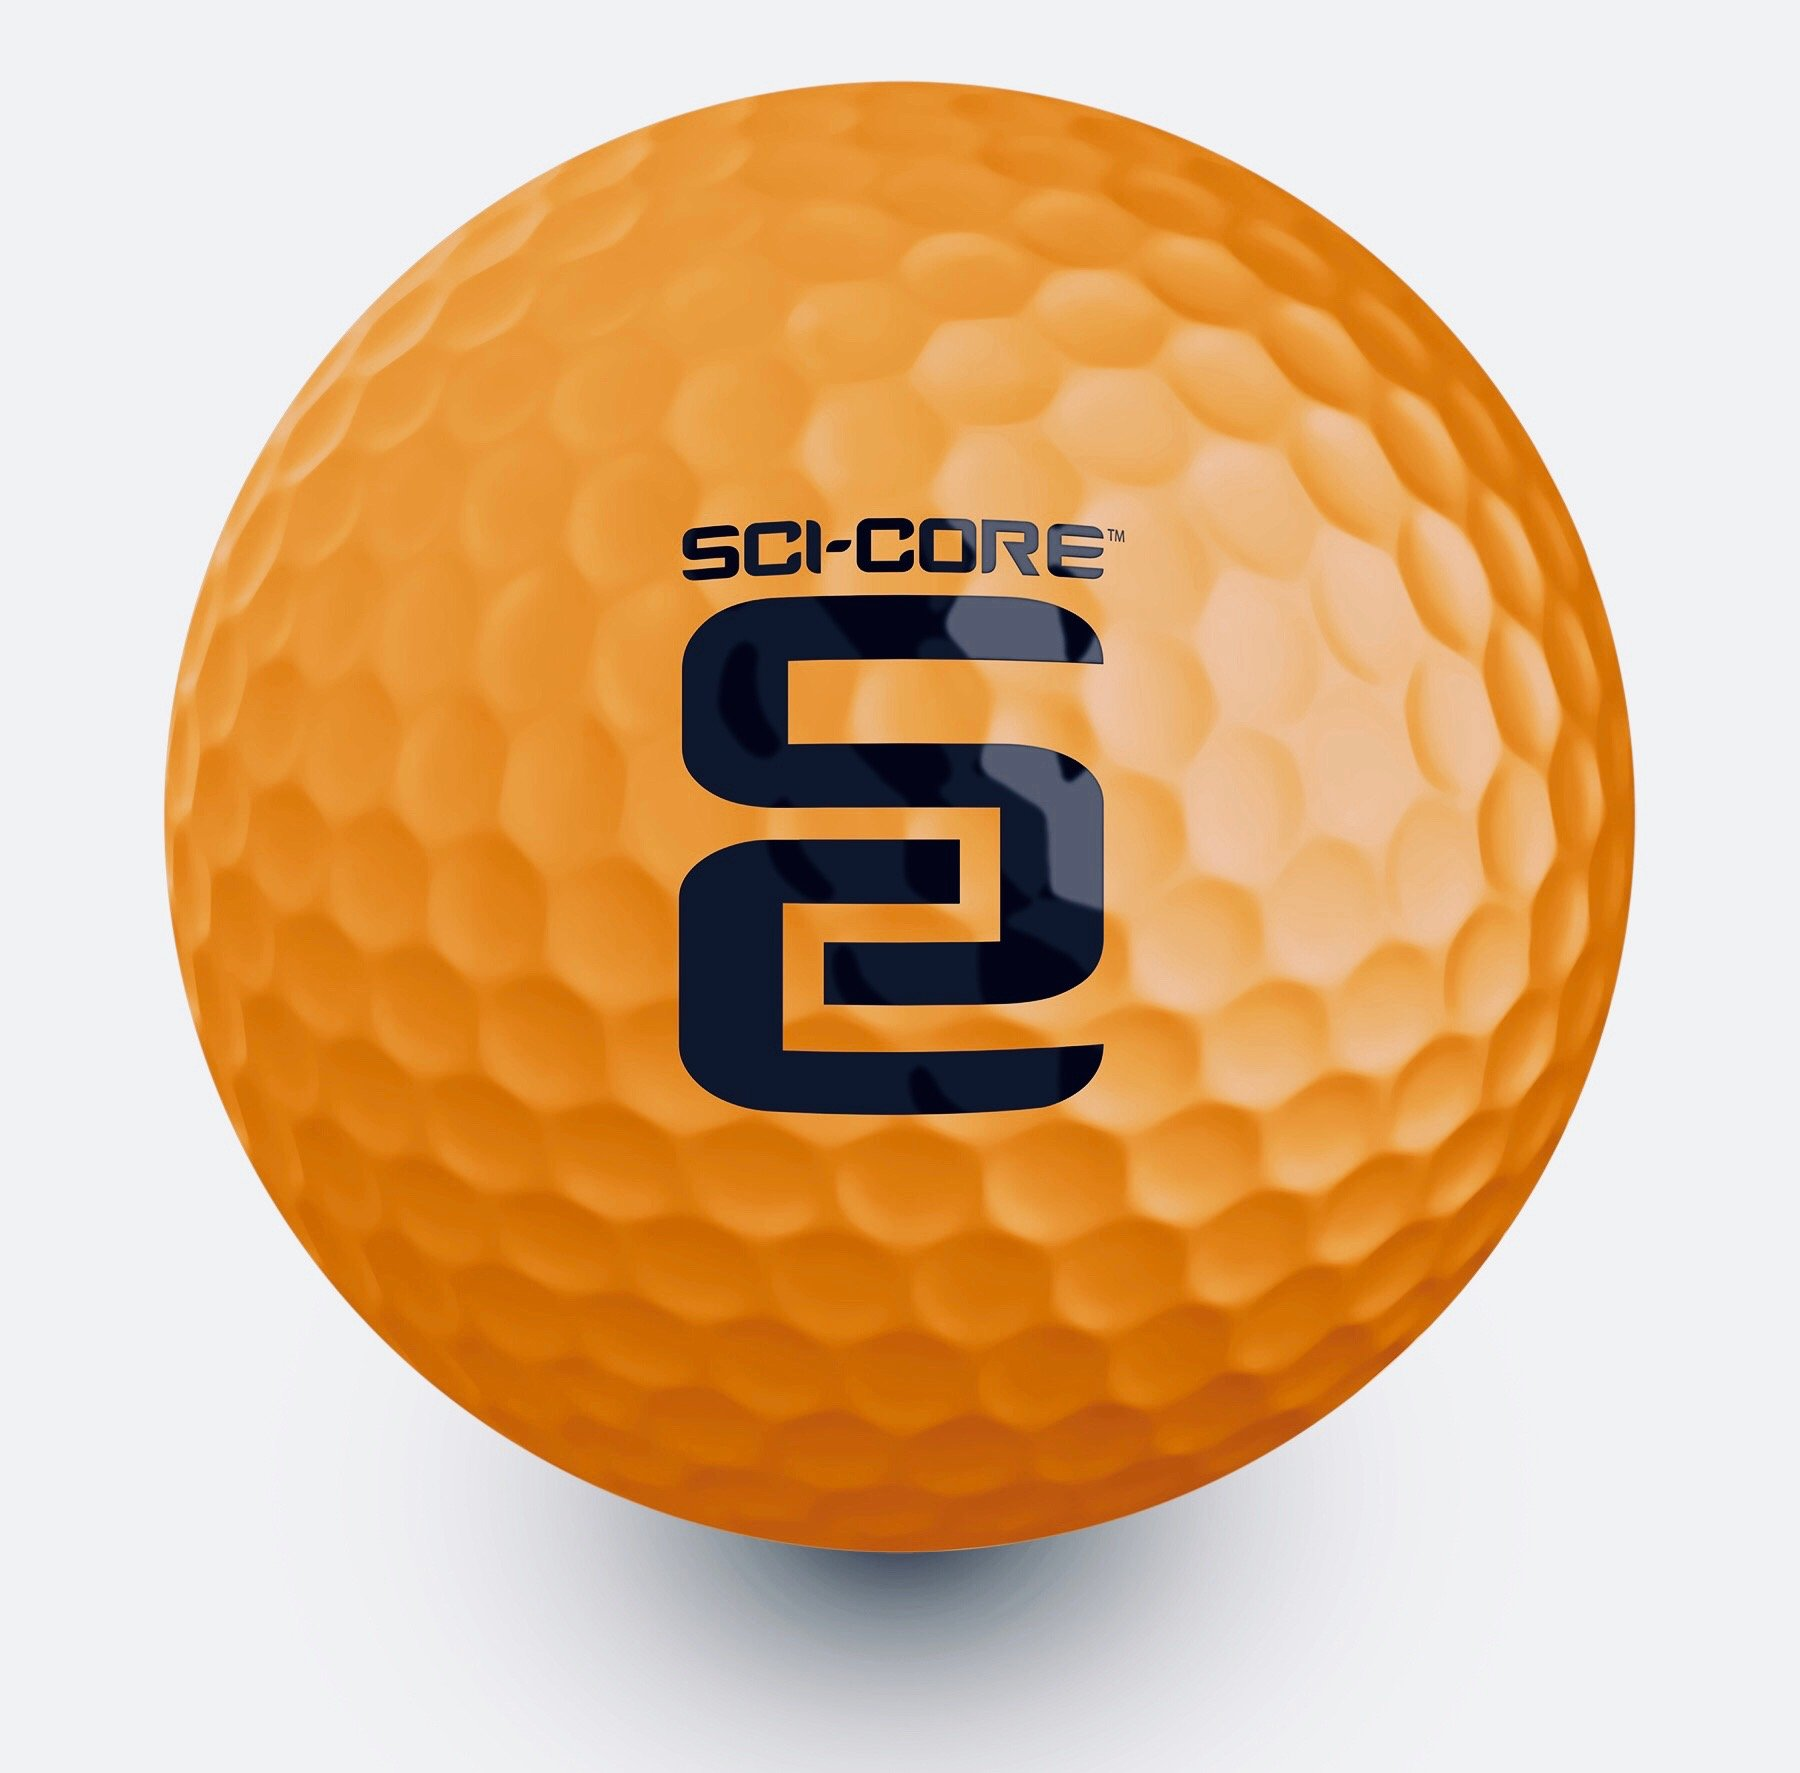 Swing Coach SCI-CORE Real-Feel Indoor-Outdoor Golf Practice Ball 12 Pack